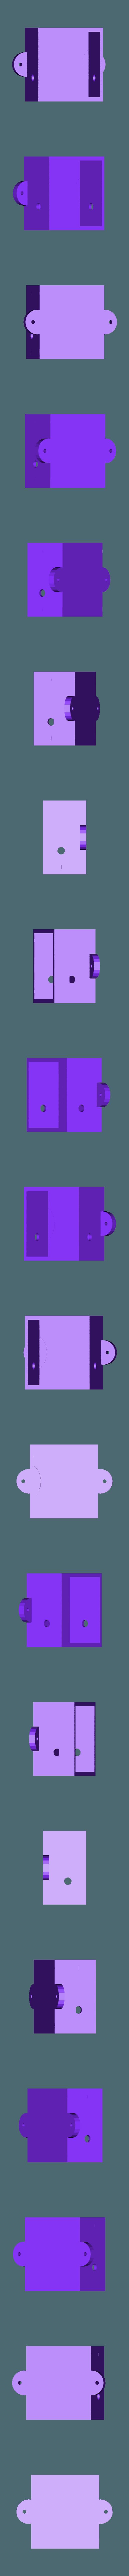 Container.stl Télécharger fichier STL gratuit Alimentateur automatique pour chiens en tube PVC • Design imprimable en 3D, speedkornet